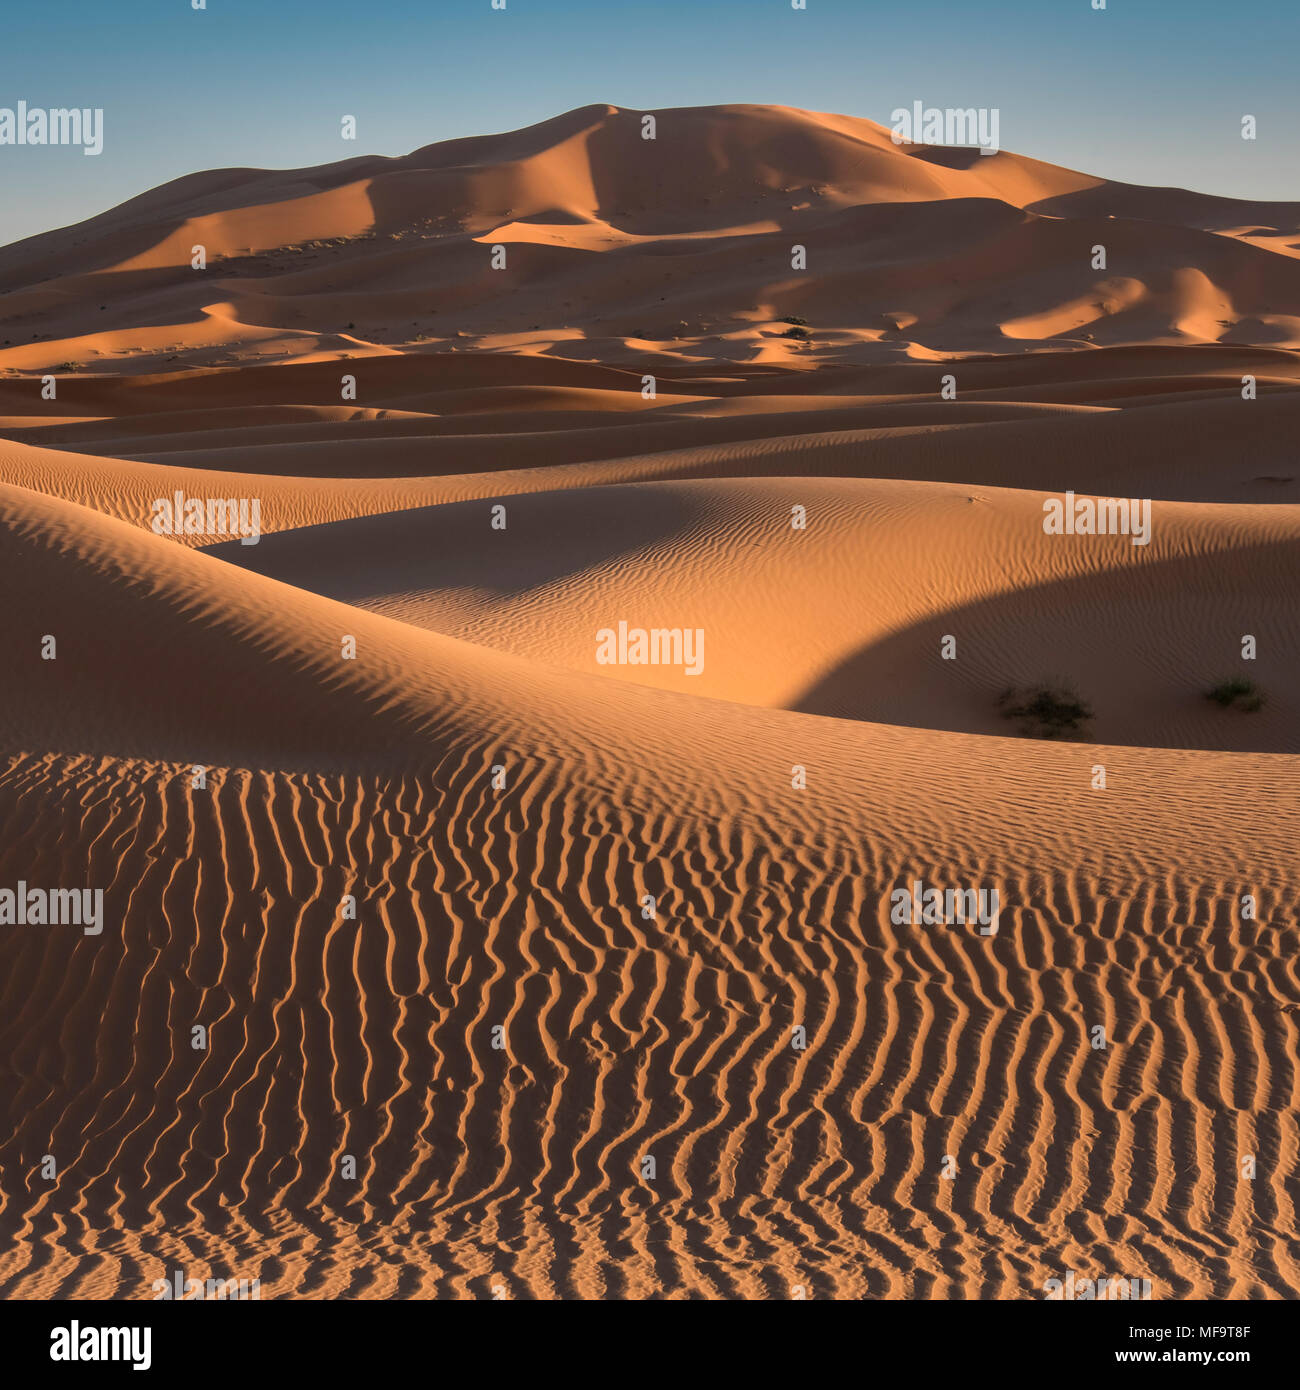 Mare di sabbia, Erg Chebbi dune del deserto, Sahara Occidentale, Marocco Foto Stock